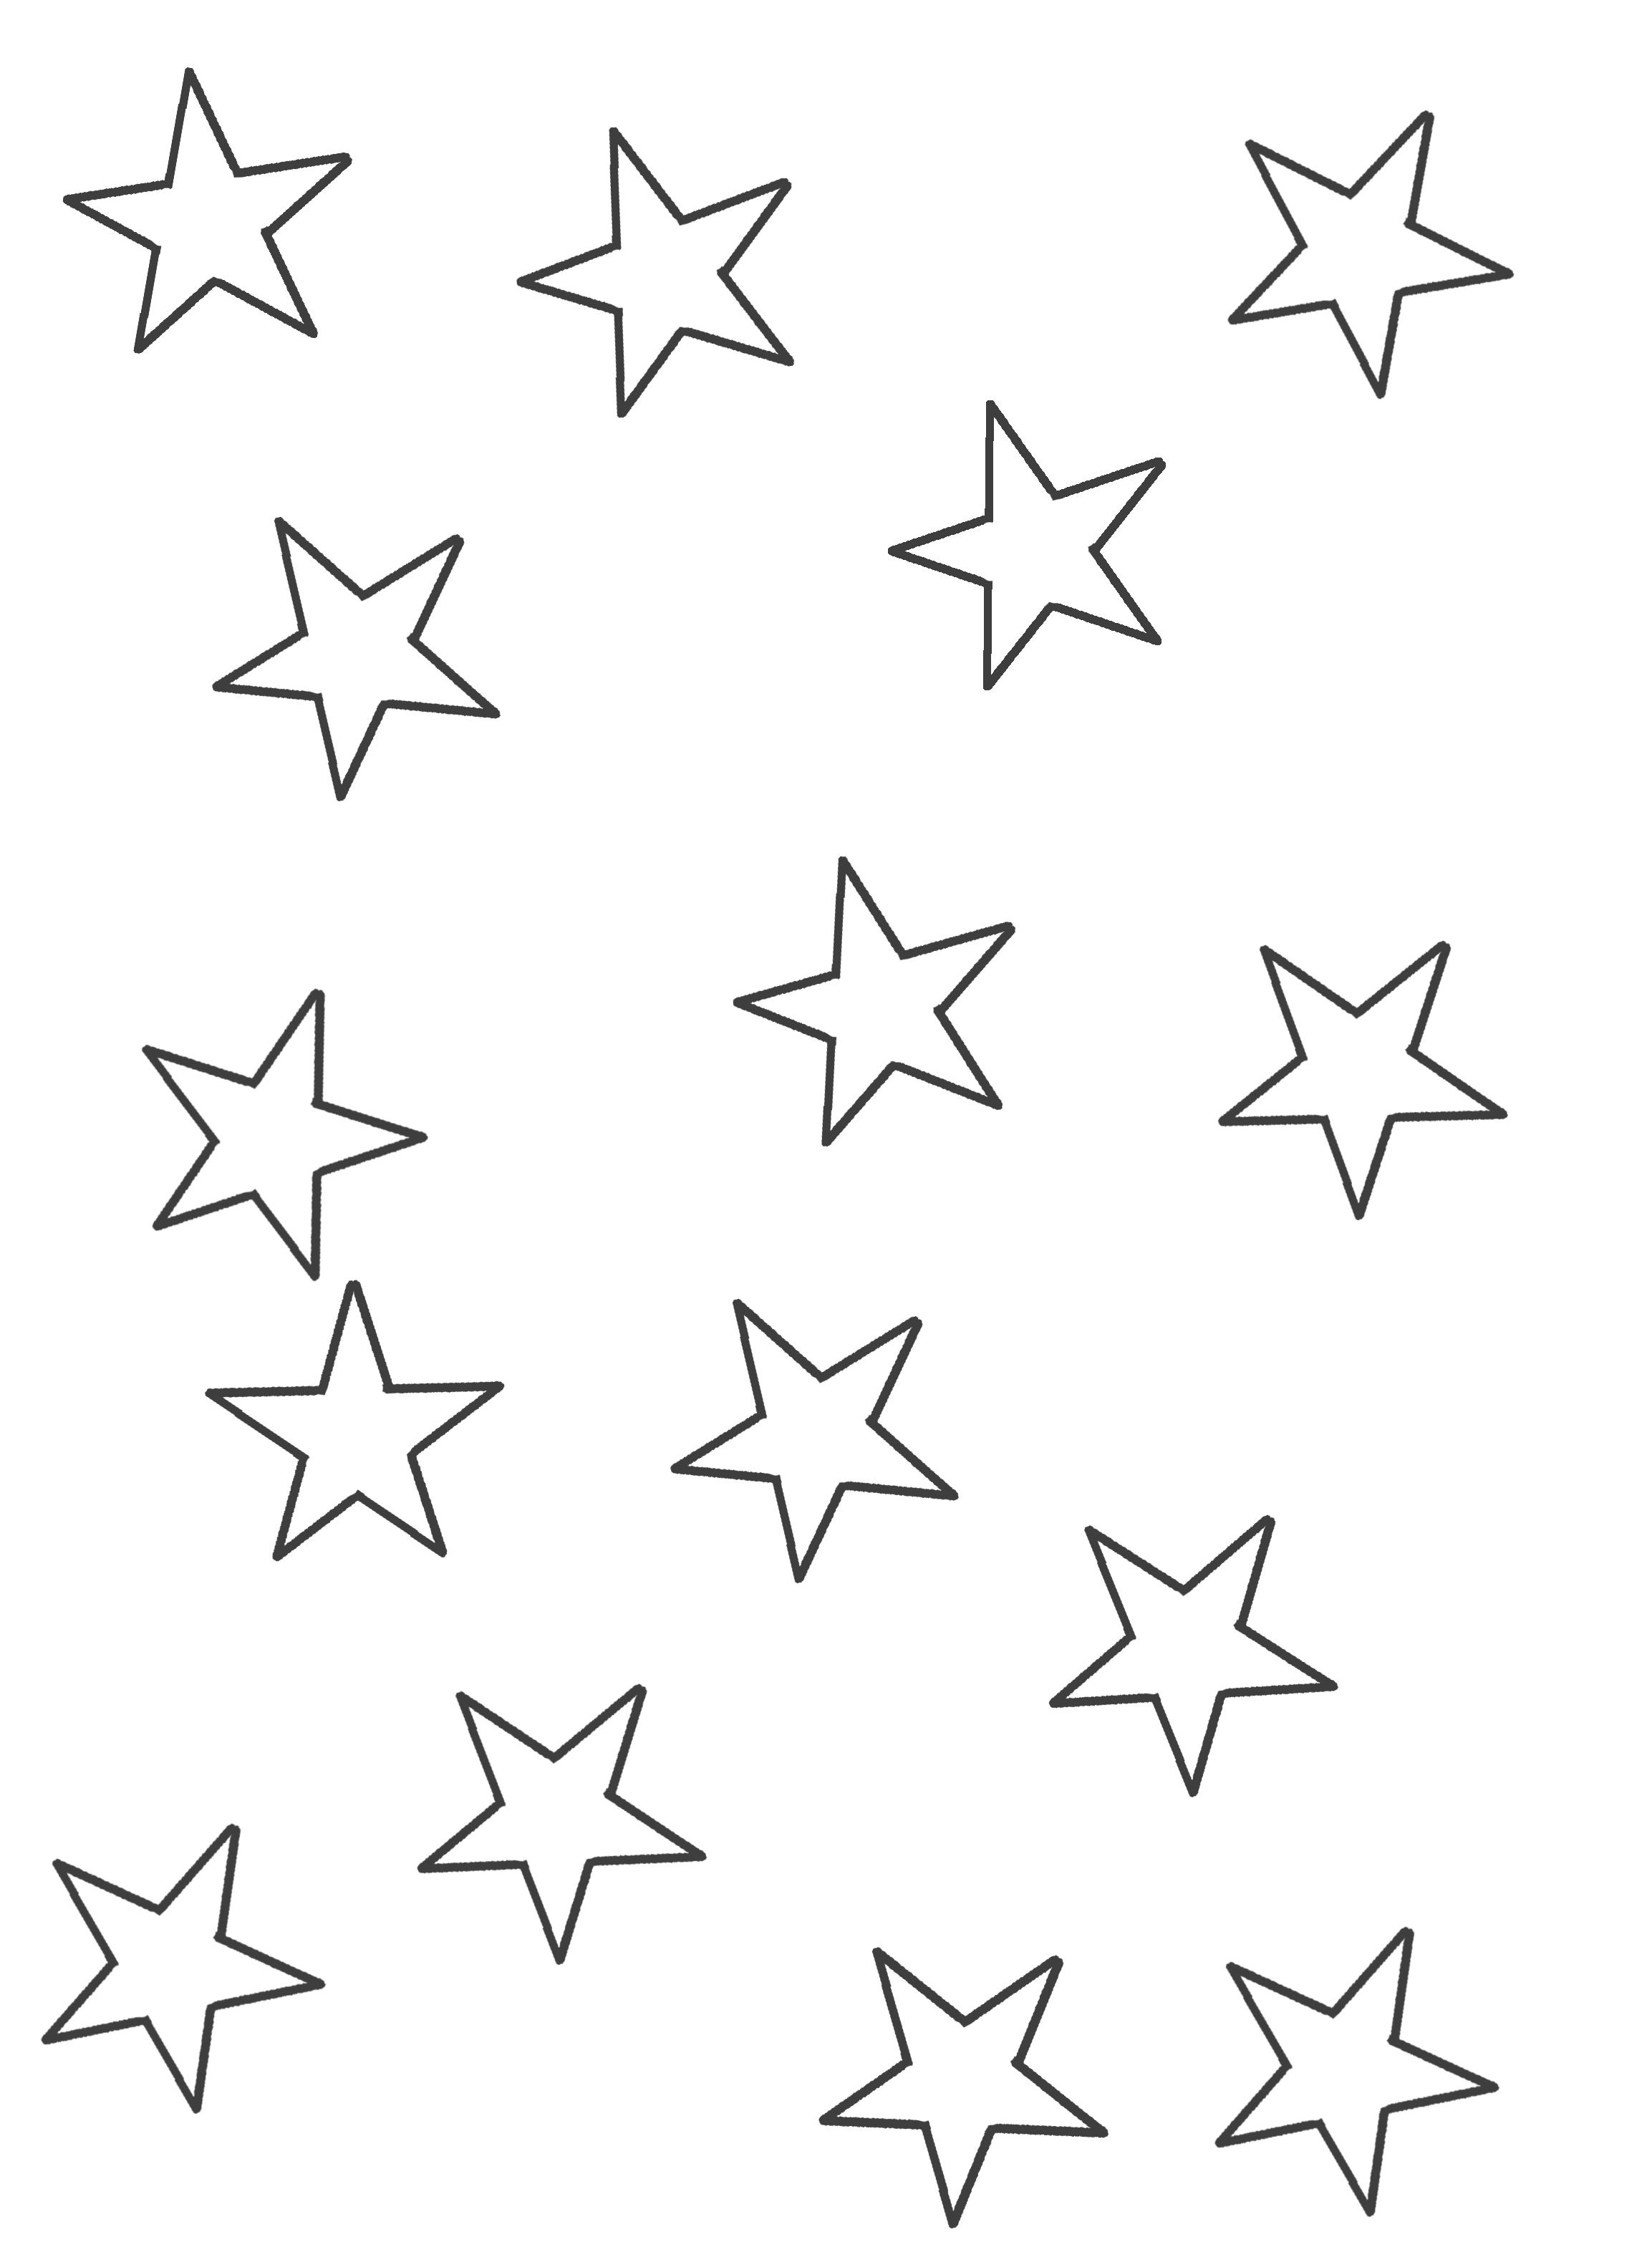 Dibujo de estrellas medianas e1554160013371